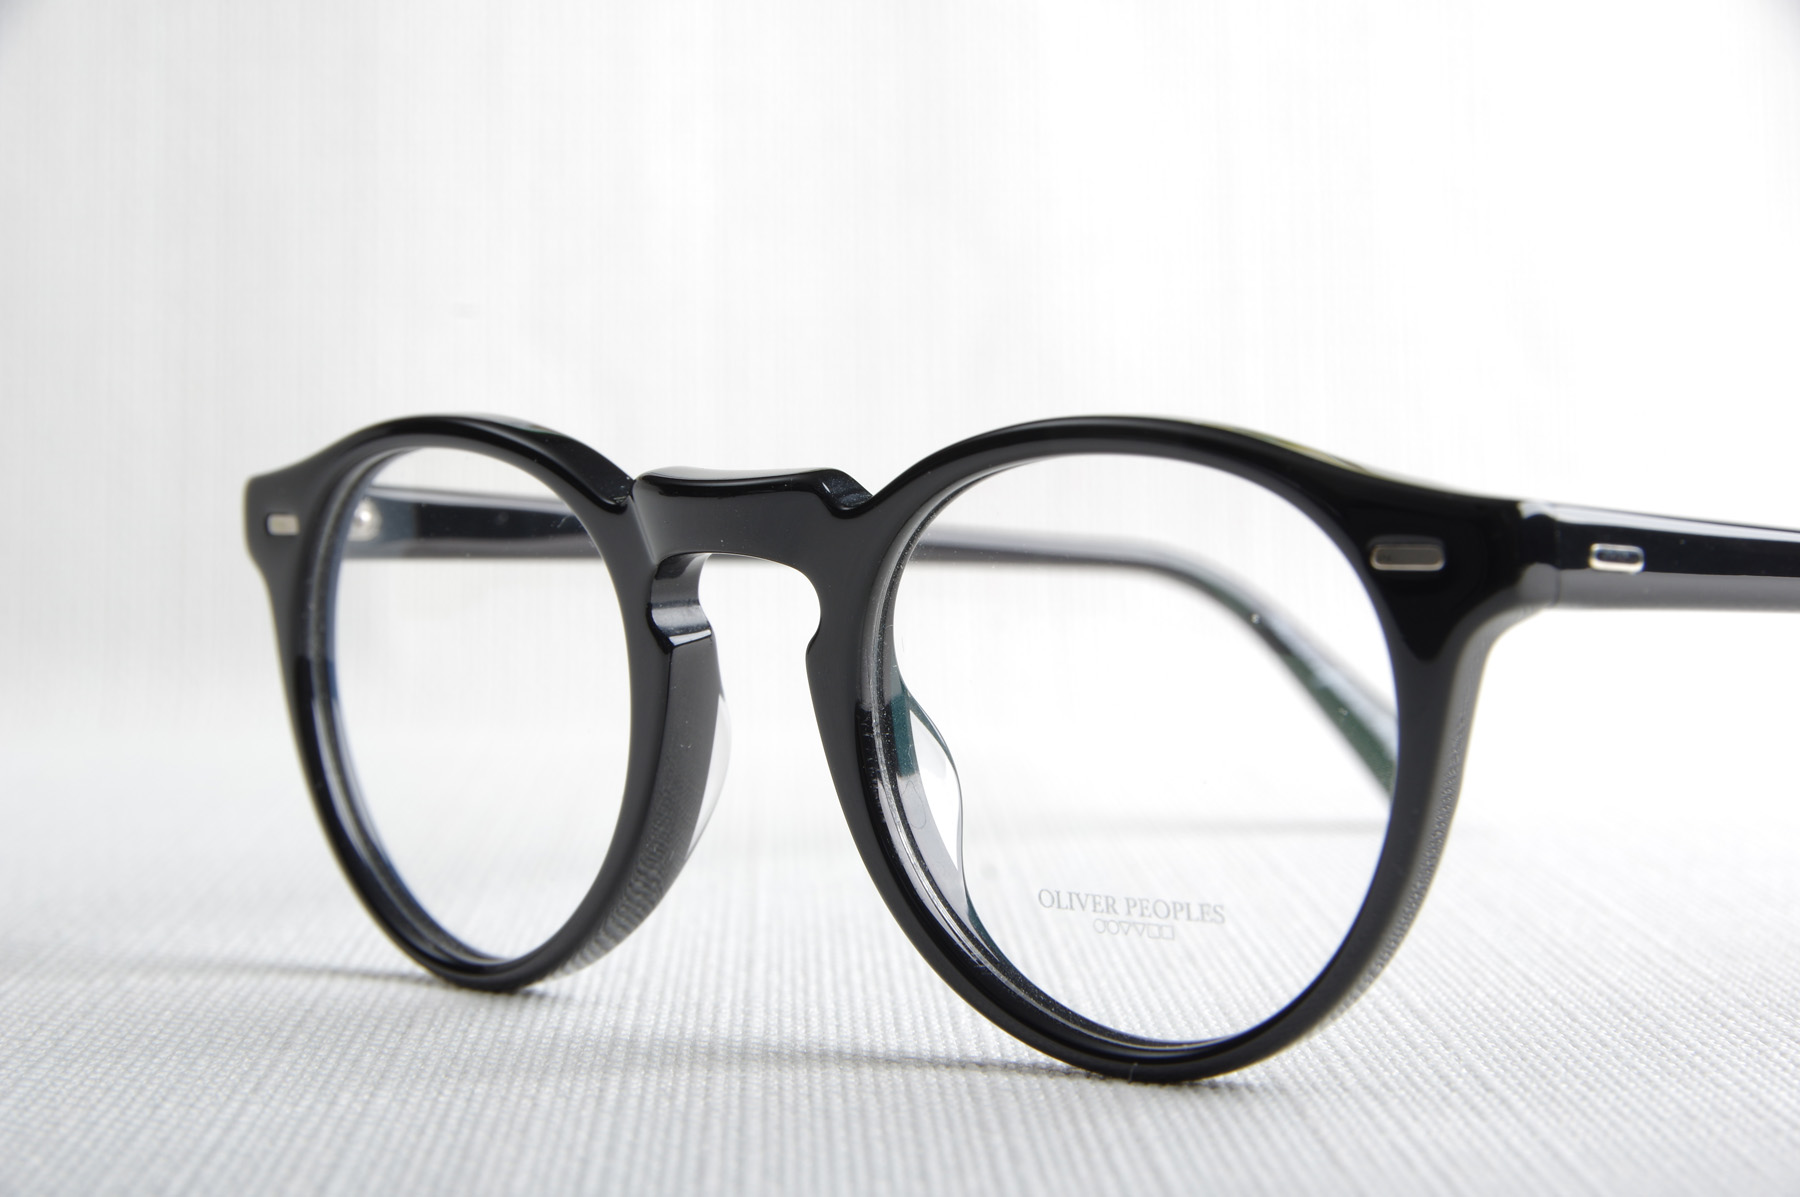 83495fe1070e9d ... Trouver des lunettes vintage OLIVER PEOPLES, Le Havre, 76 ACHAT GREGORY  PECK ...